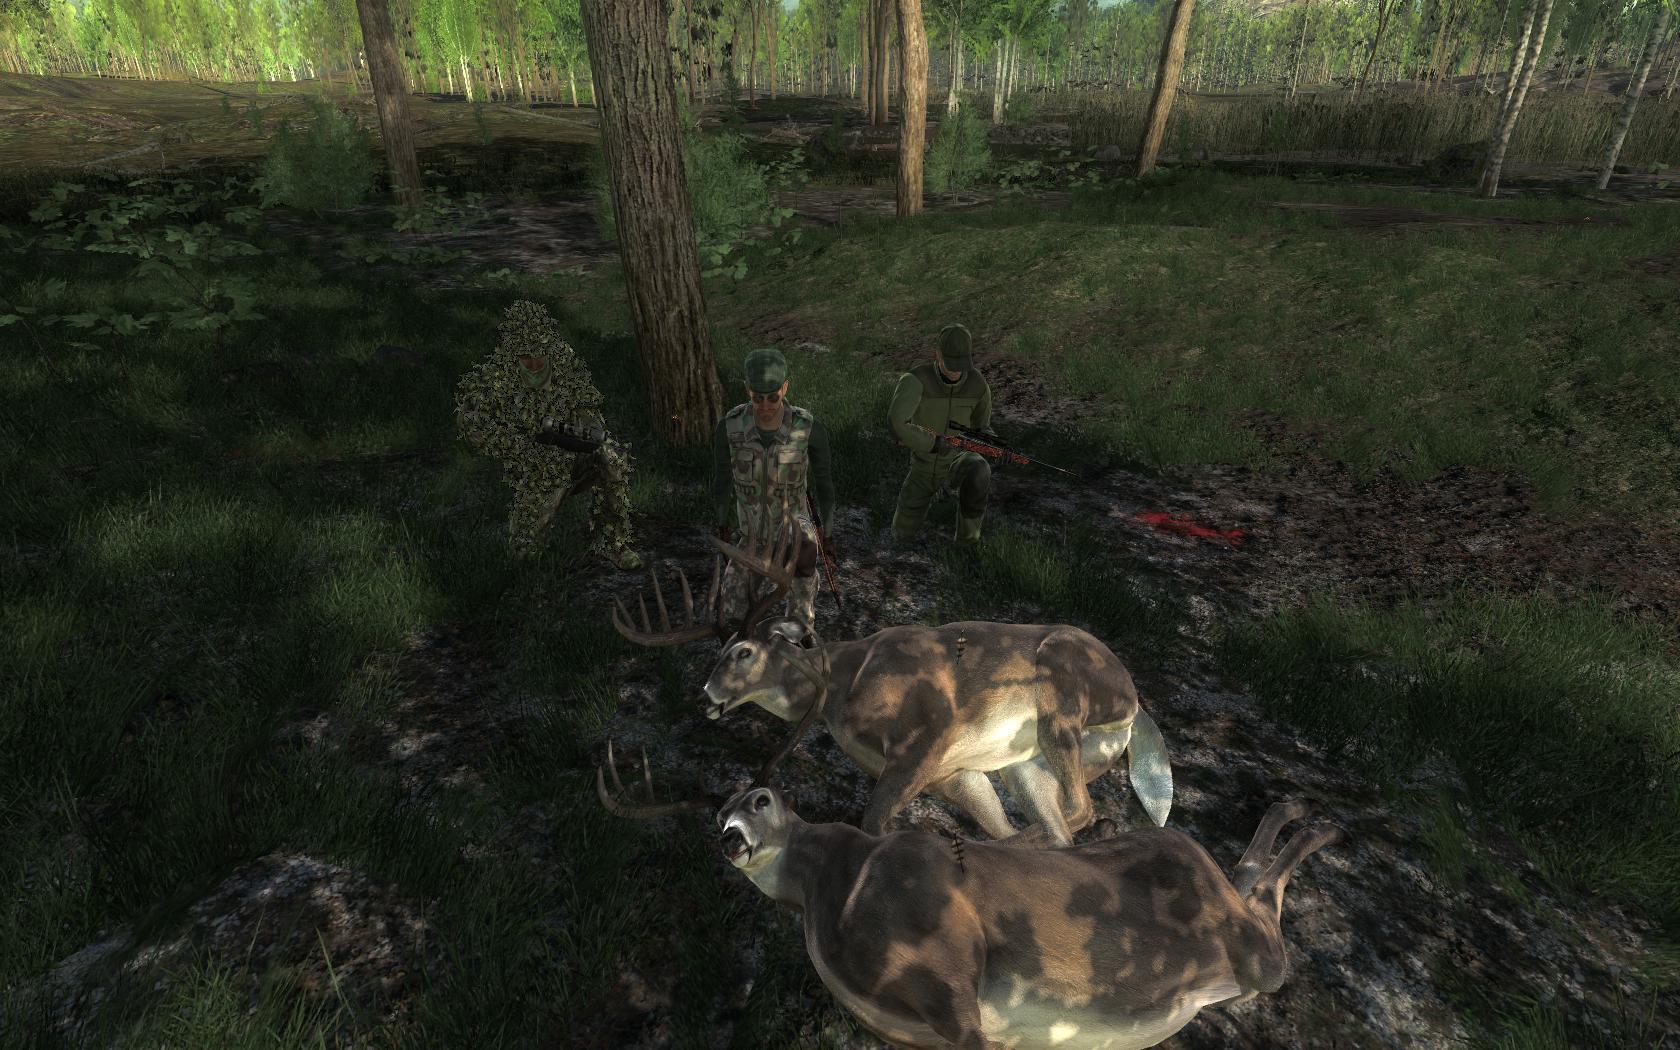 Fotografie in multiplayer con i Nostri AMICI - Pagina 4 8844bbf0b172794b965a1cb53885598af7b8598f